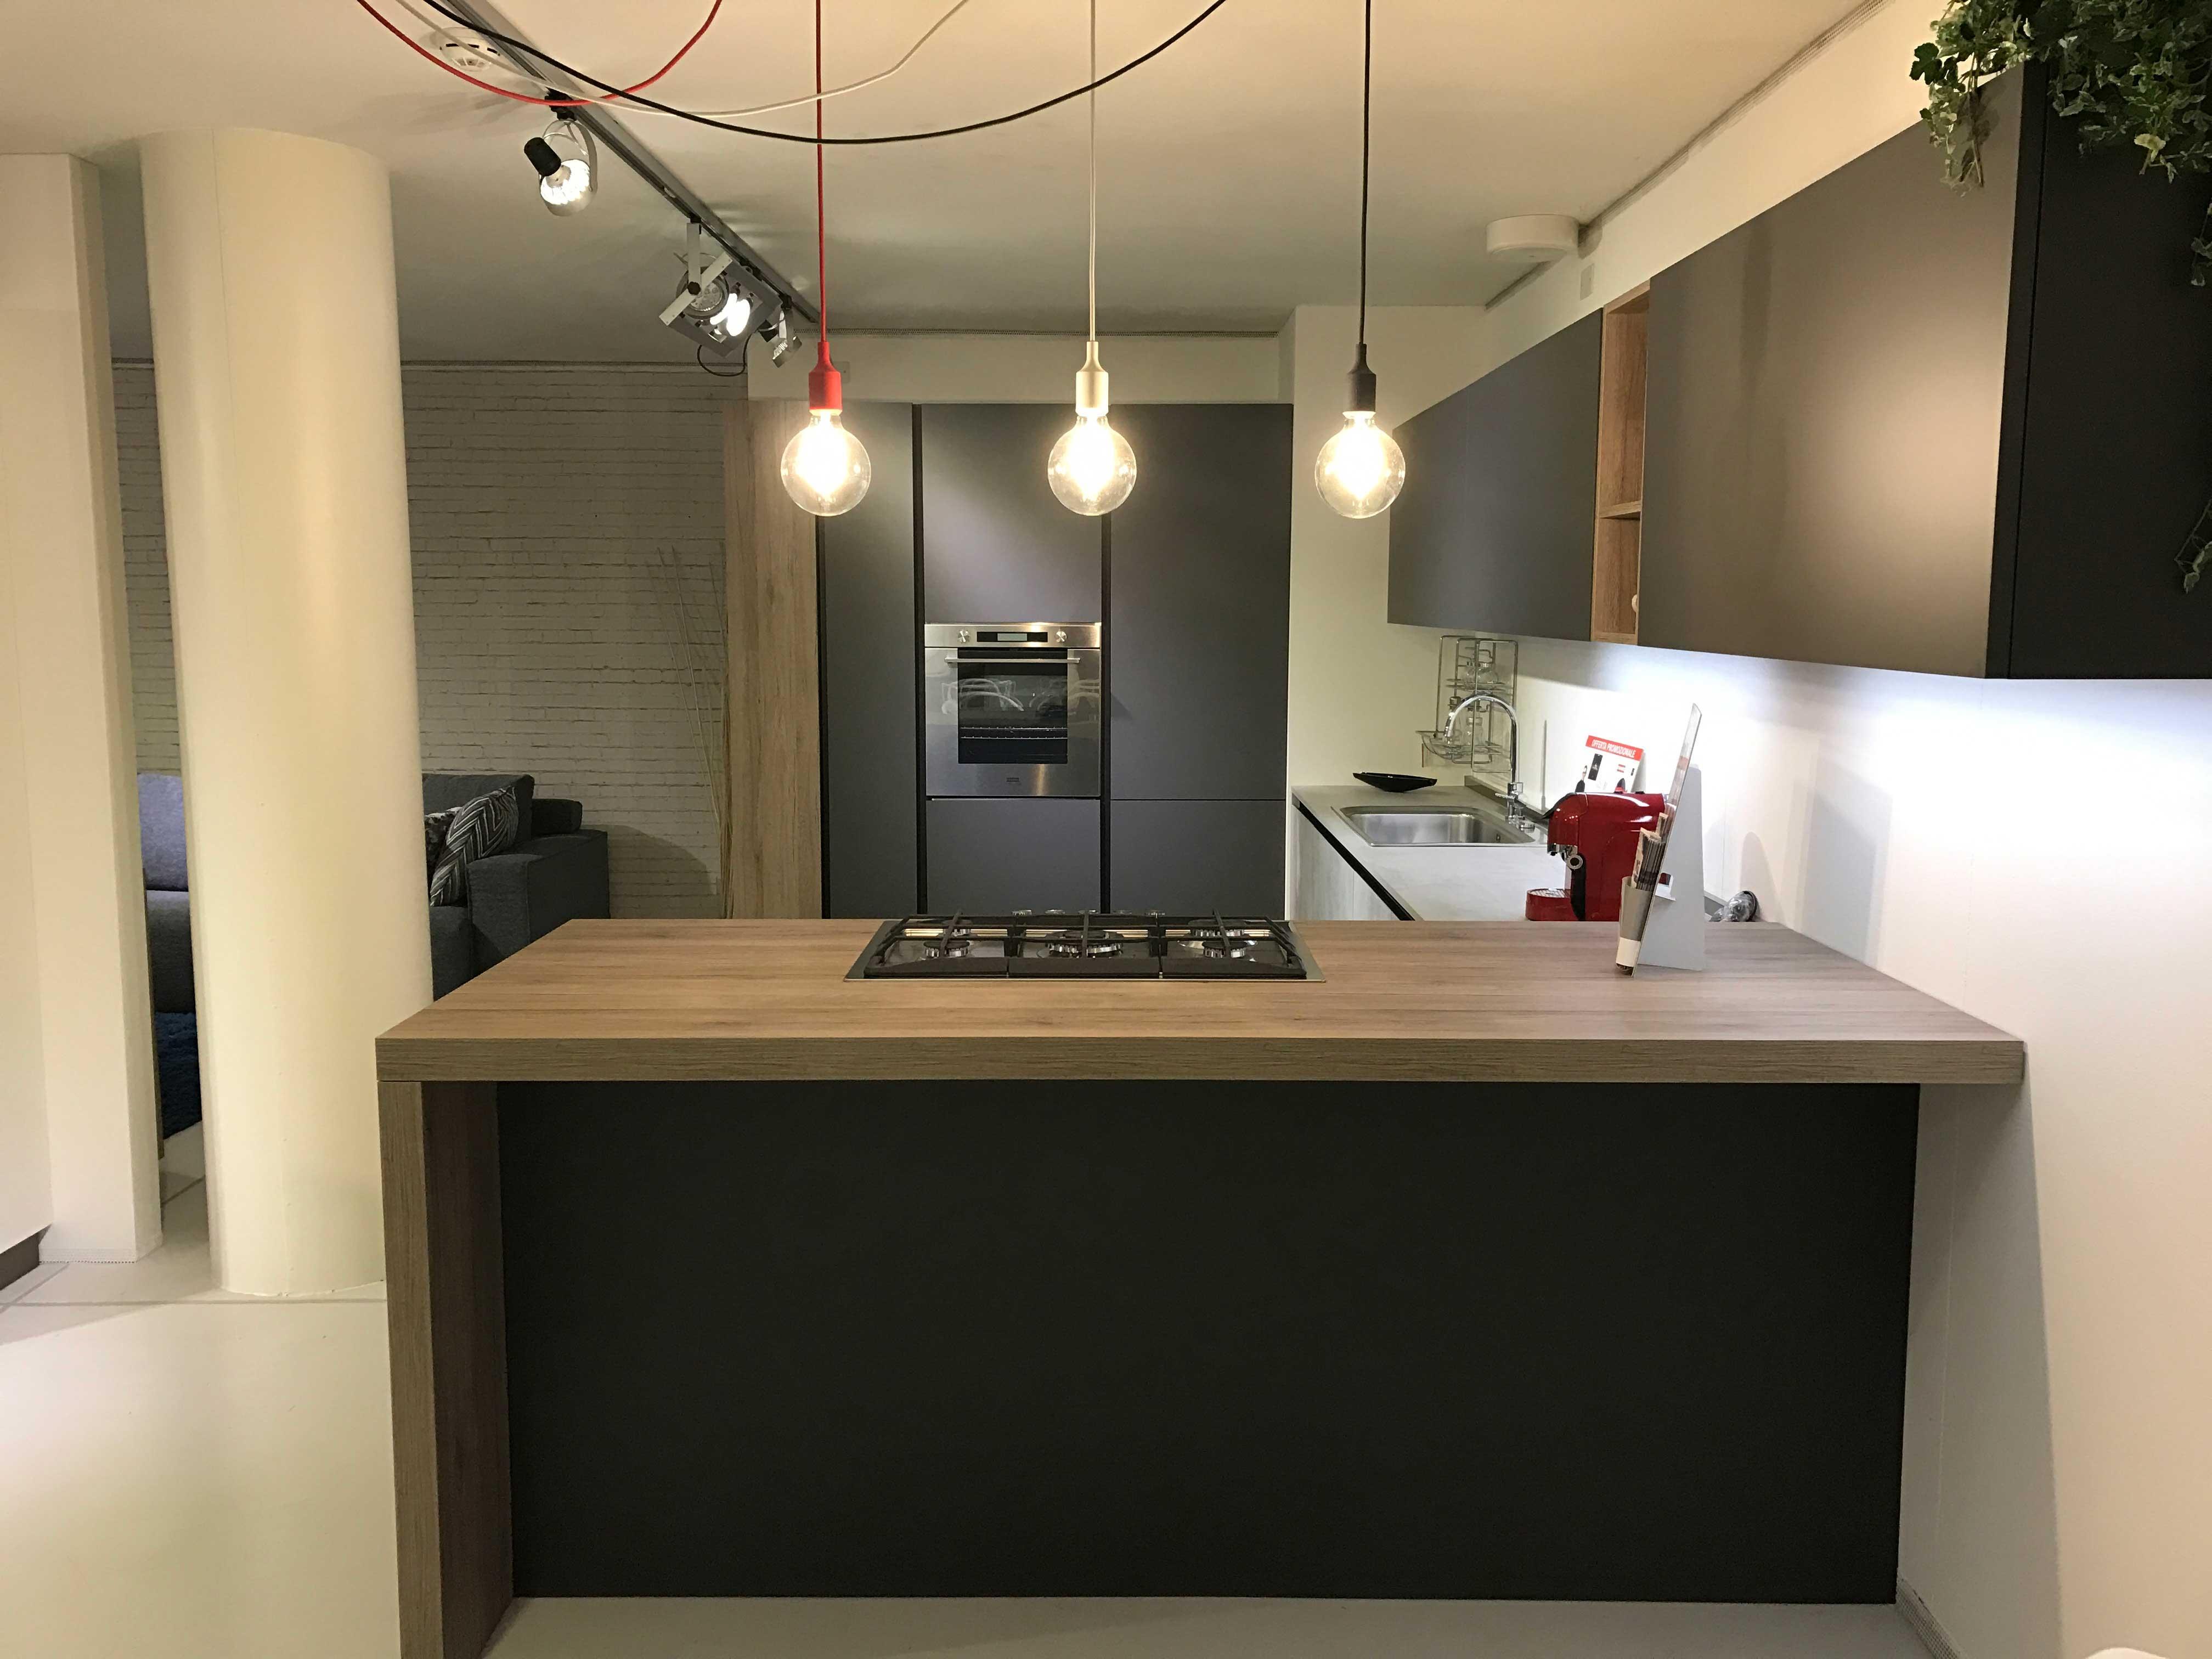 Cucine arredo tre prezzi le migliori idee per la tua design per la casa - Arredo tre cucine ...